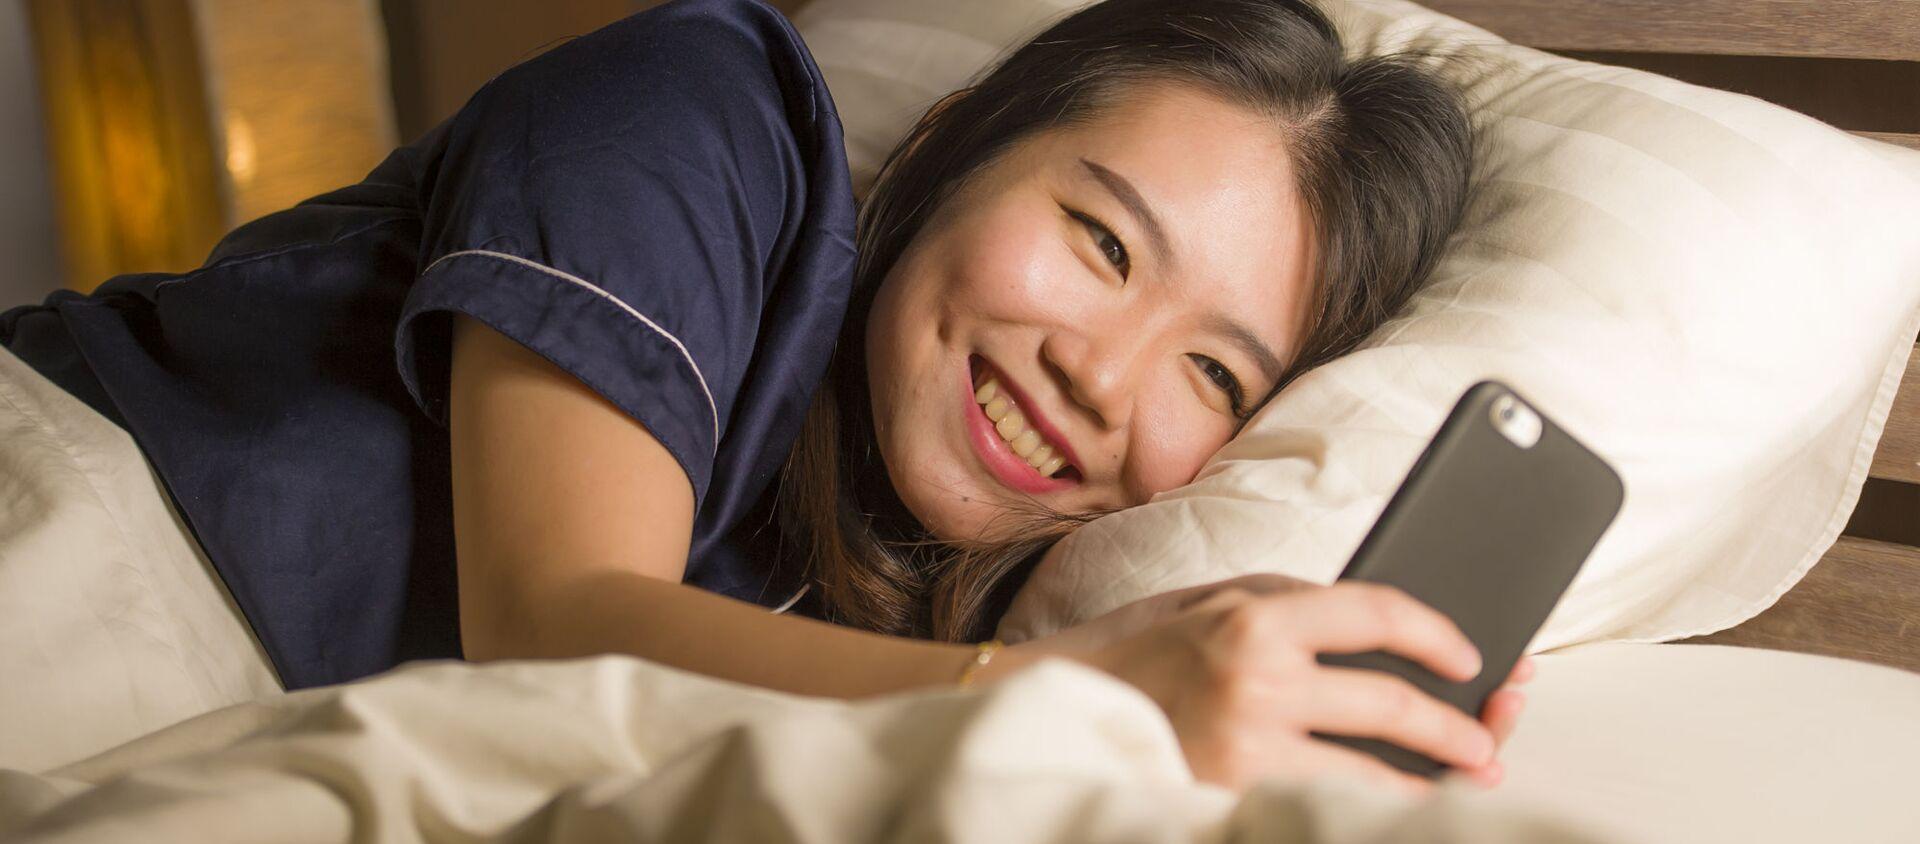 Cô gái Nhật Bản trẻ tuổi đang cười khi sử dụng điện thoại thông minh - Sputnik Việt Nam, 1920, 11.03.2021